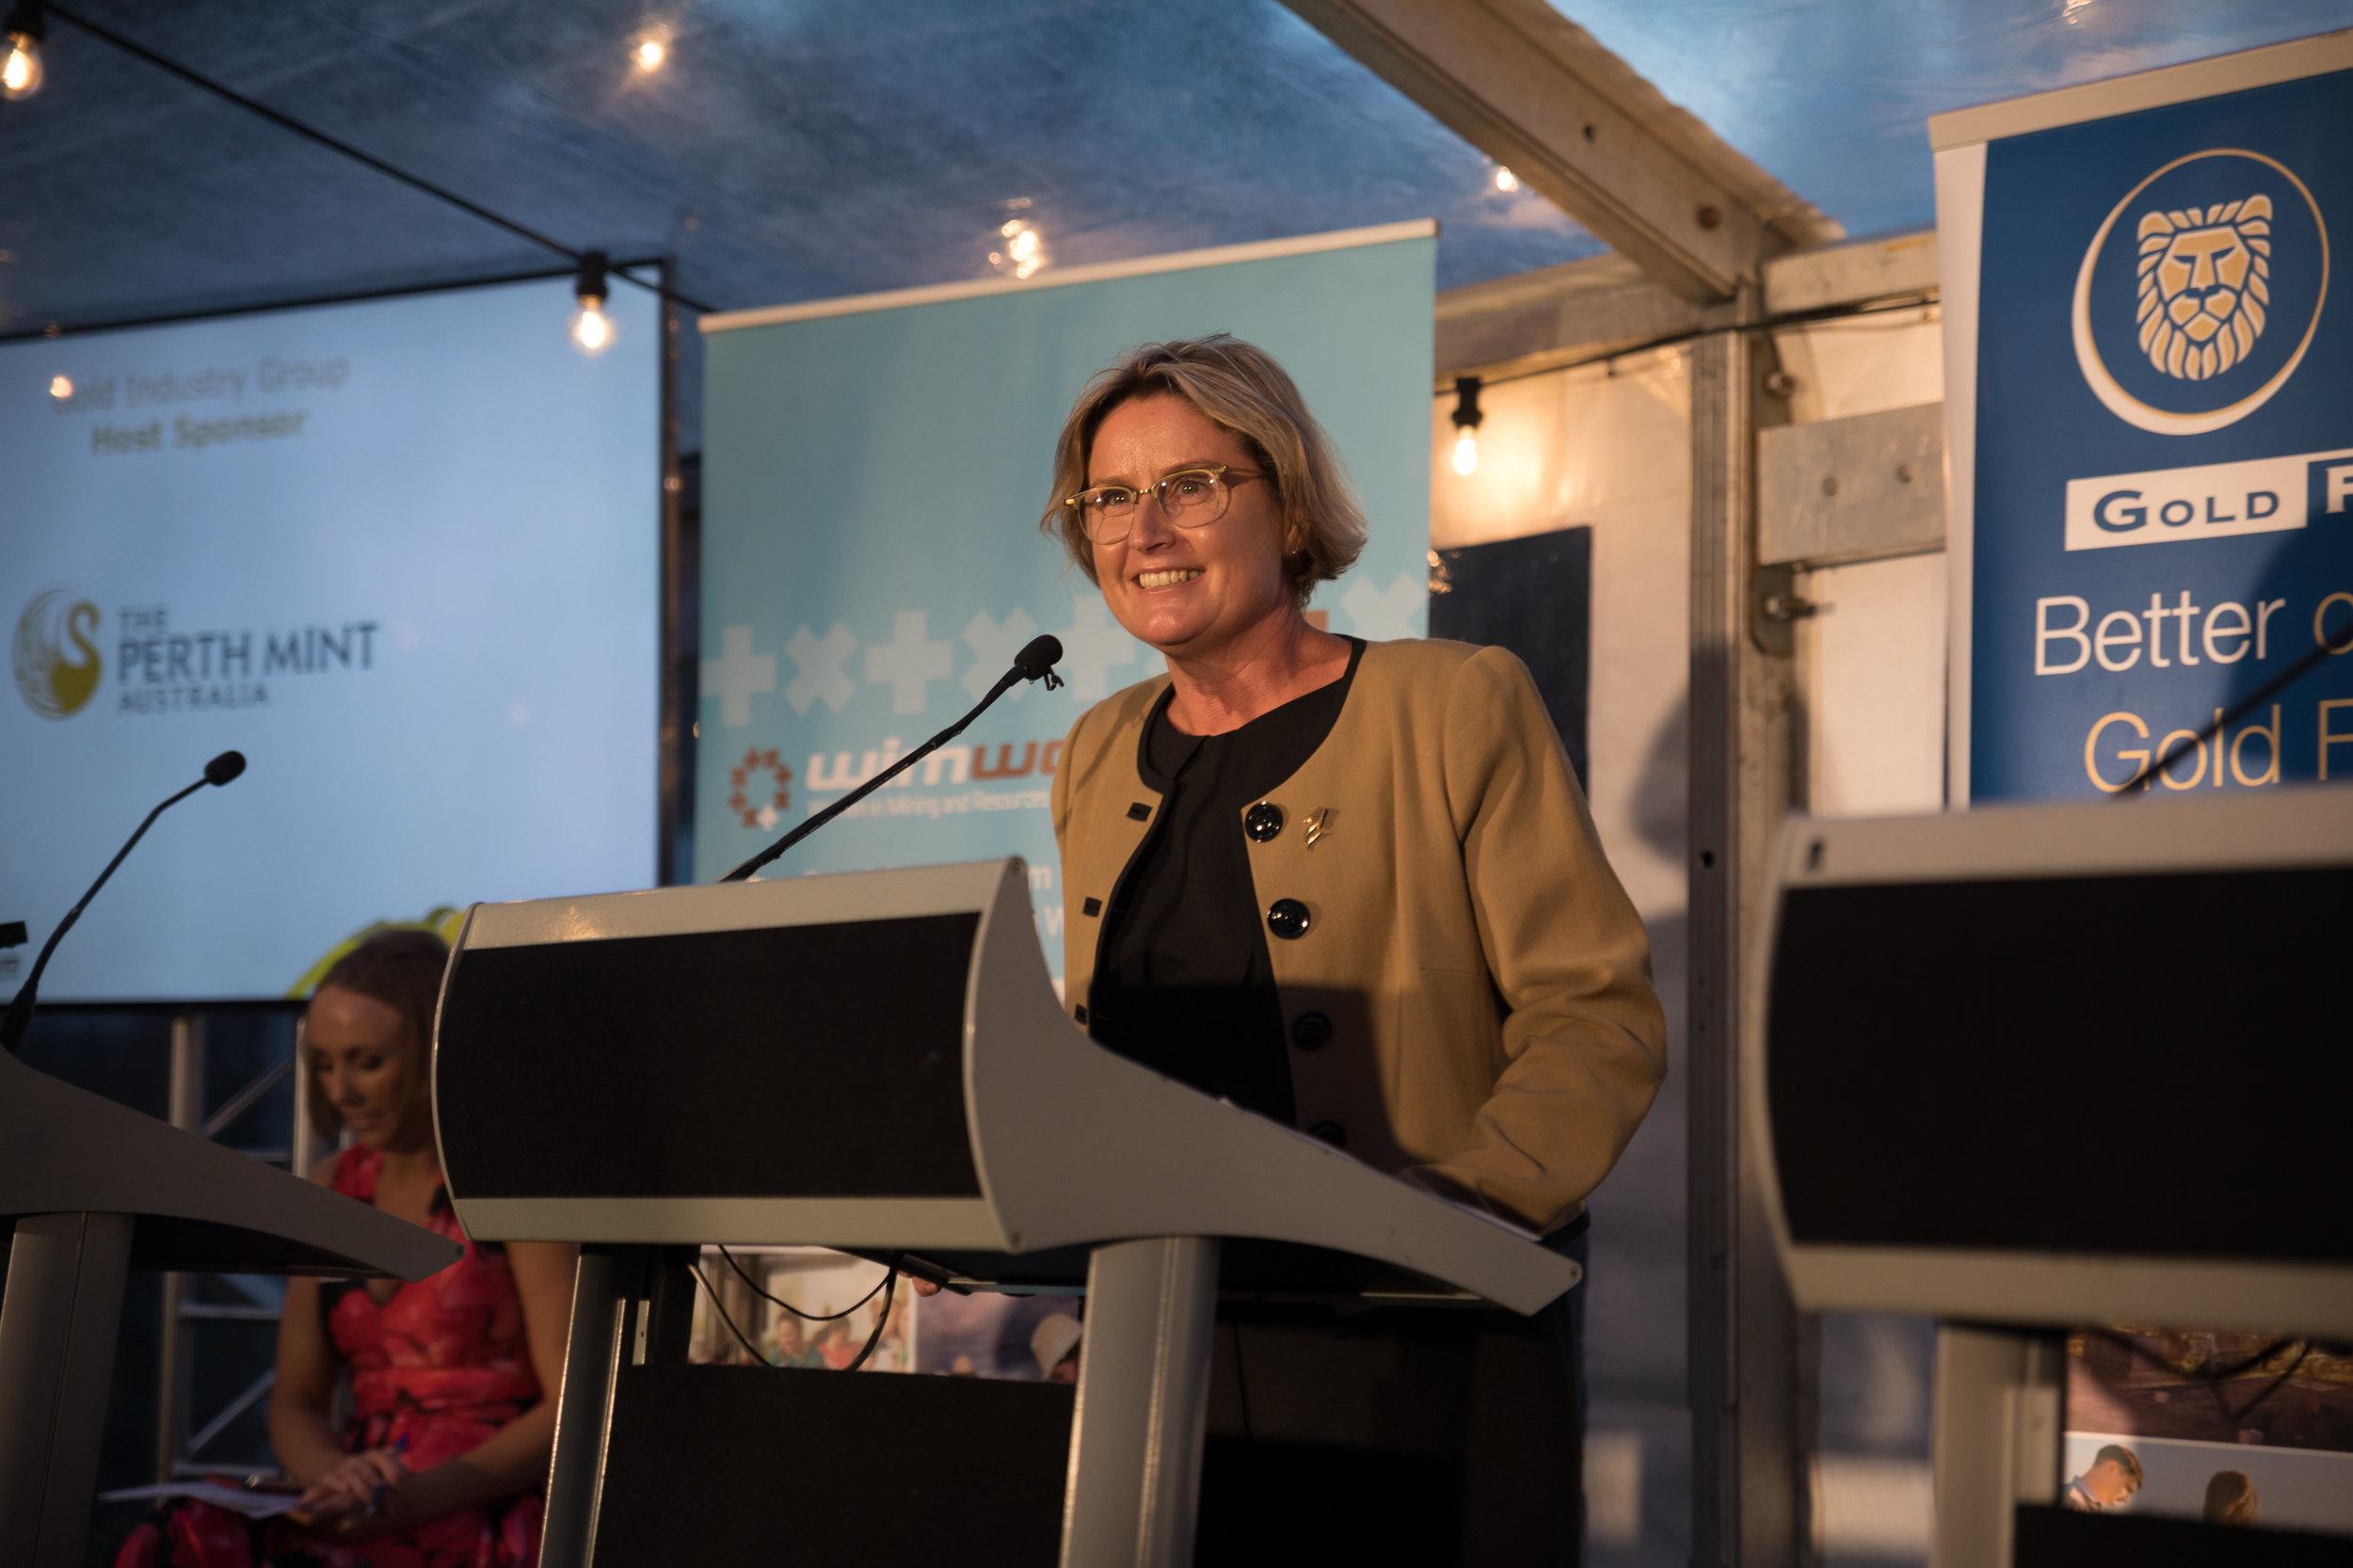 Gold Event Perth Mint0636.jpg